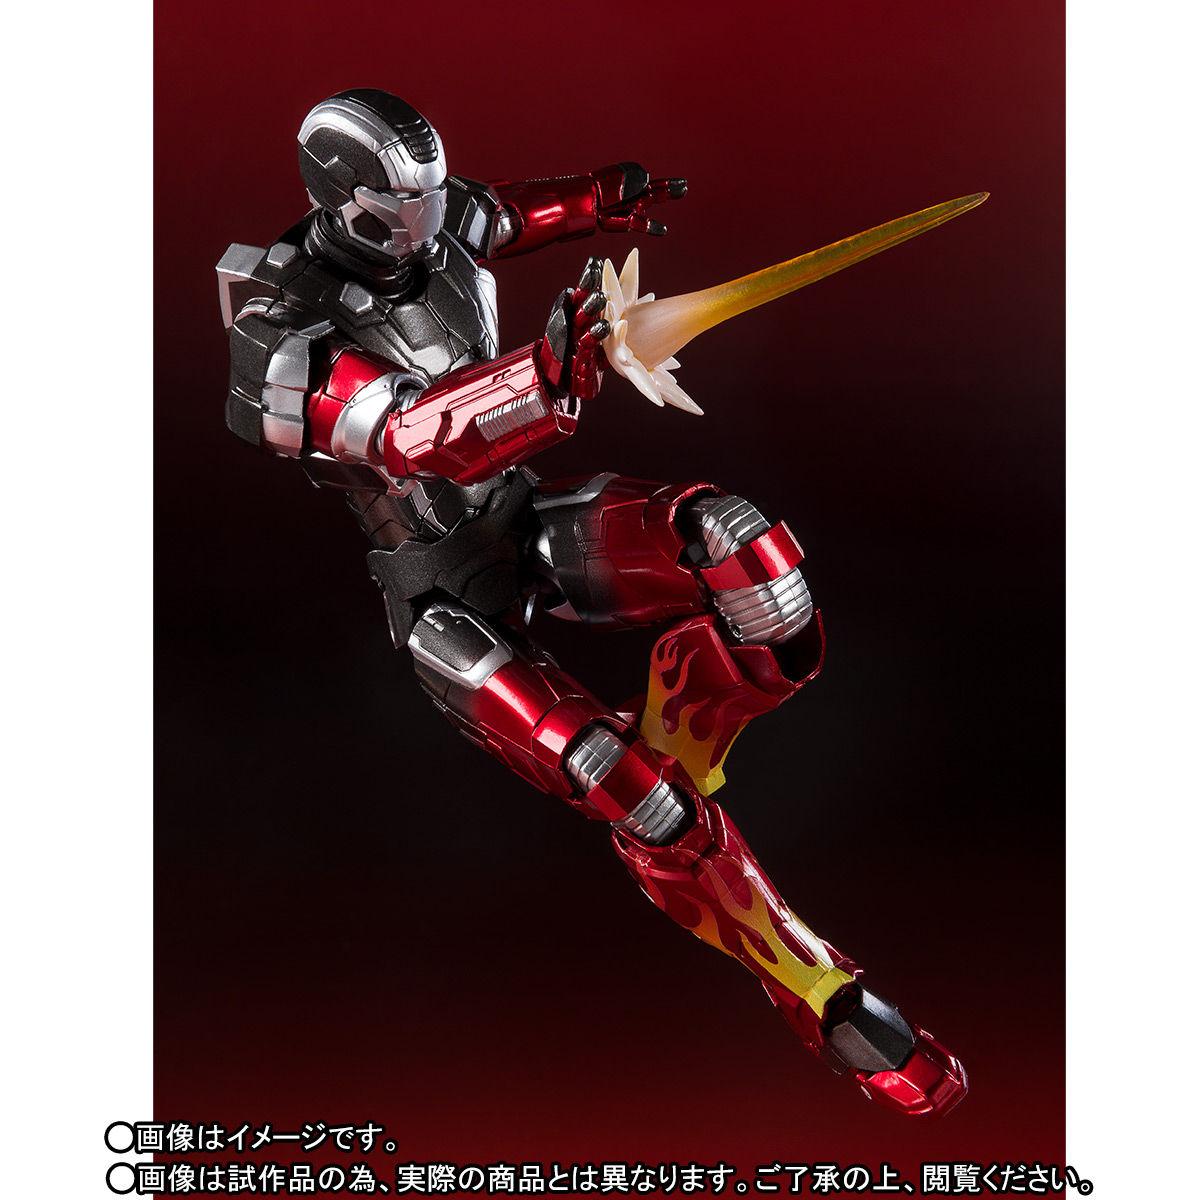 S.H.フィギュアーツ『アイアンマン マーク22 ホットロッド』アイアンマン3 可動フィギュア-006